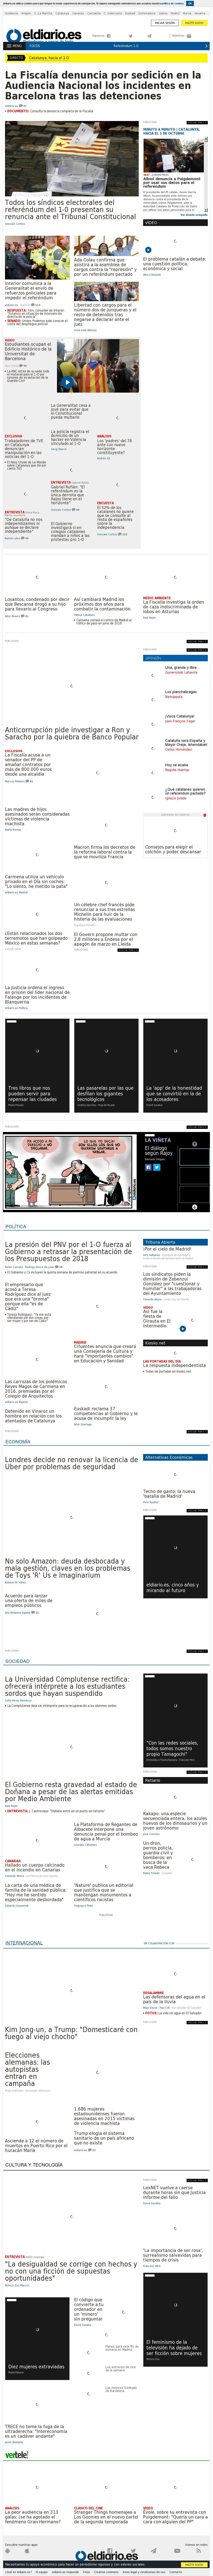 El Diario at Friday Sept. 22, 2017, 5:02 p.m. UTC